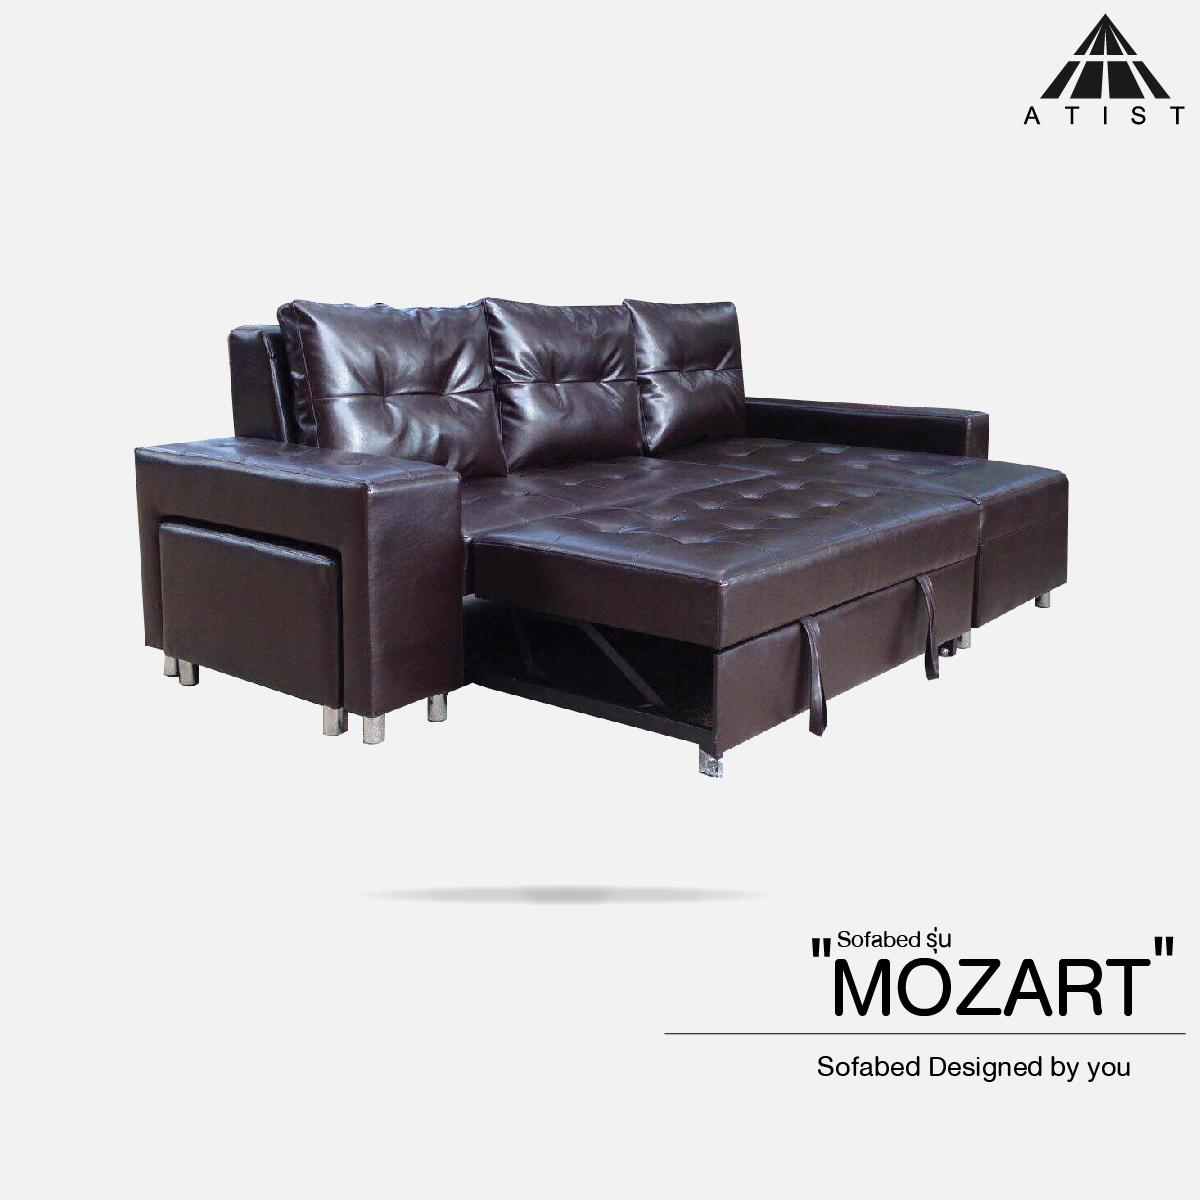 โซฟาเบด รุ่น Mozart